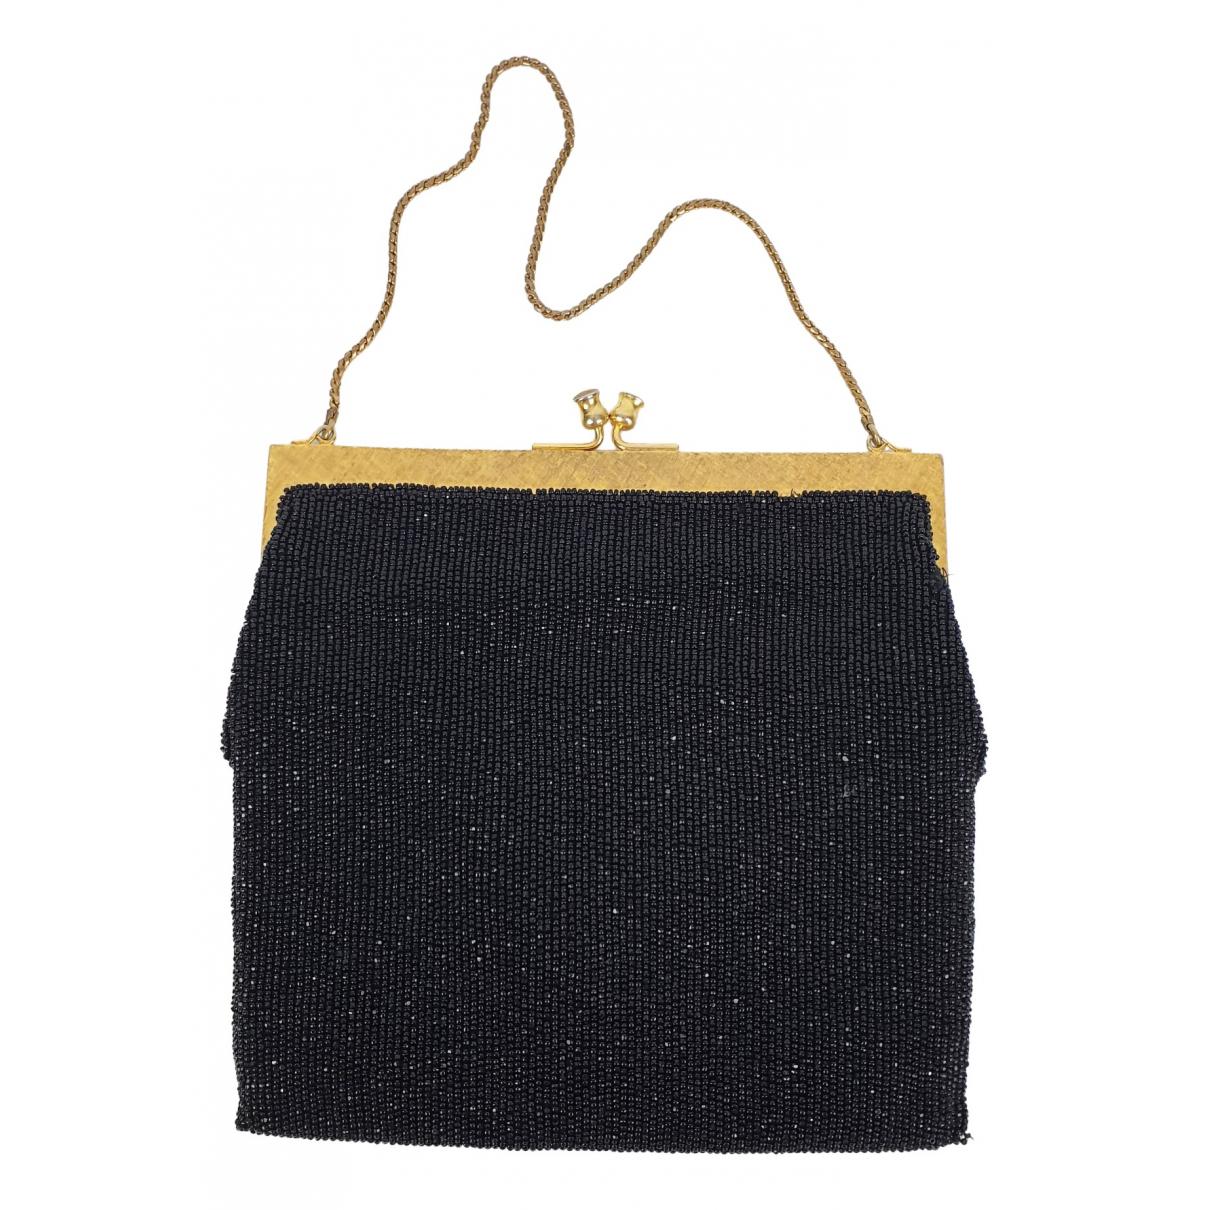 - Pochette Hippie Chic pour femme en a paillettes - noir